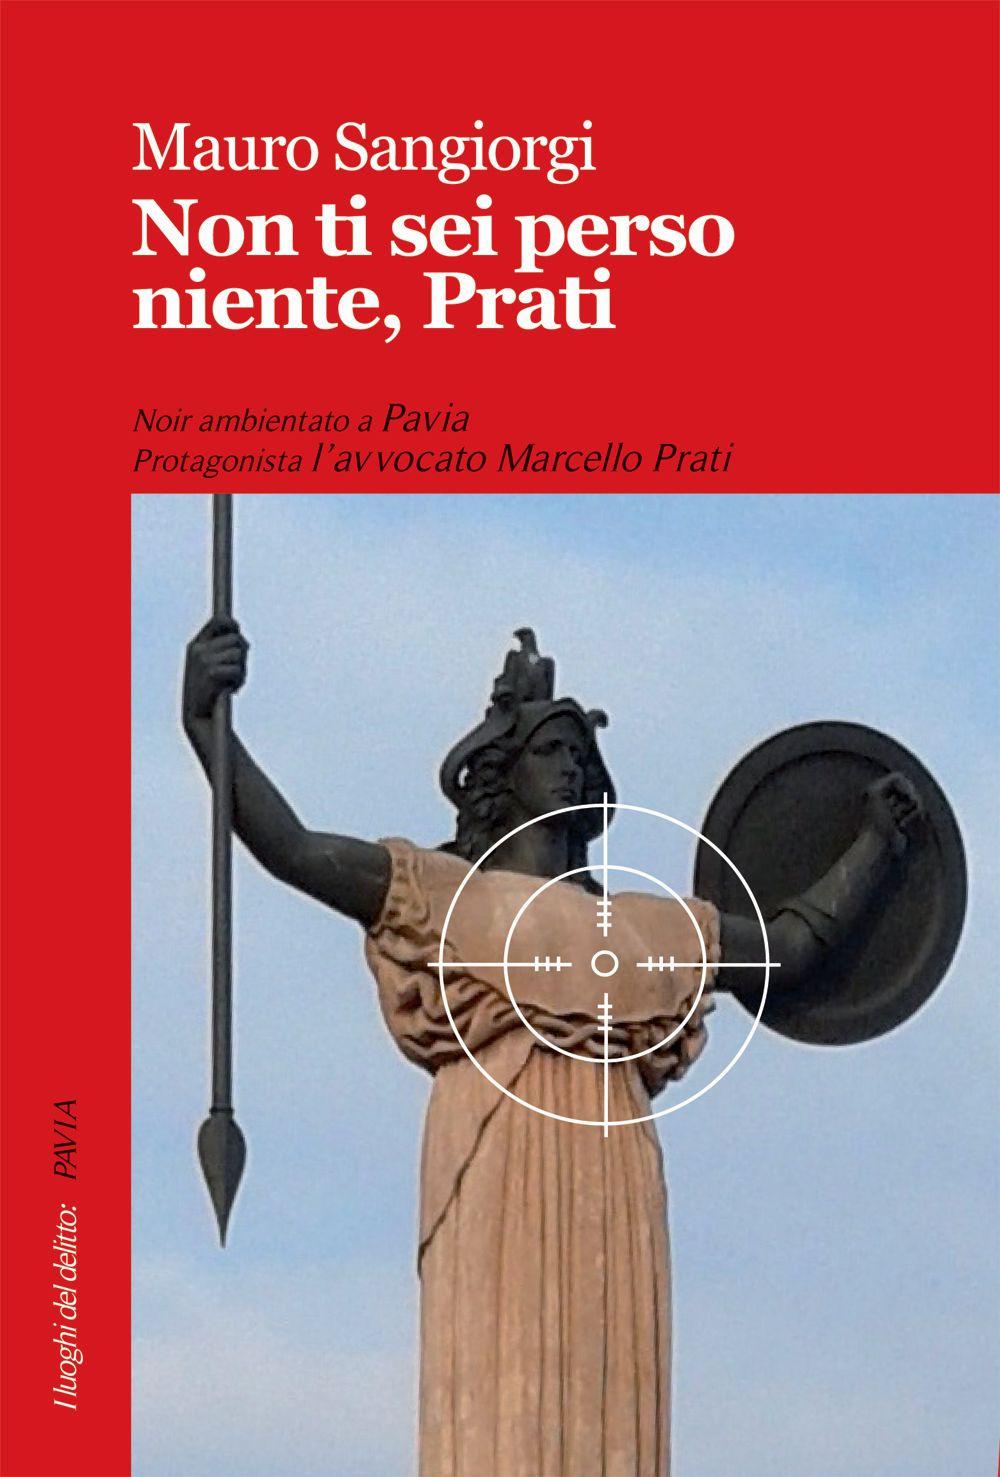 Mauro Sangiorgi Non ti sei perso niente, Prati Mauro Sangiorgi ISBN:9788867405206